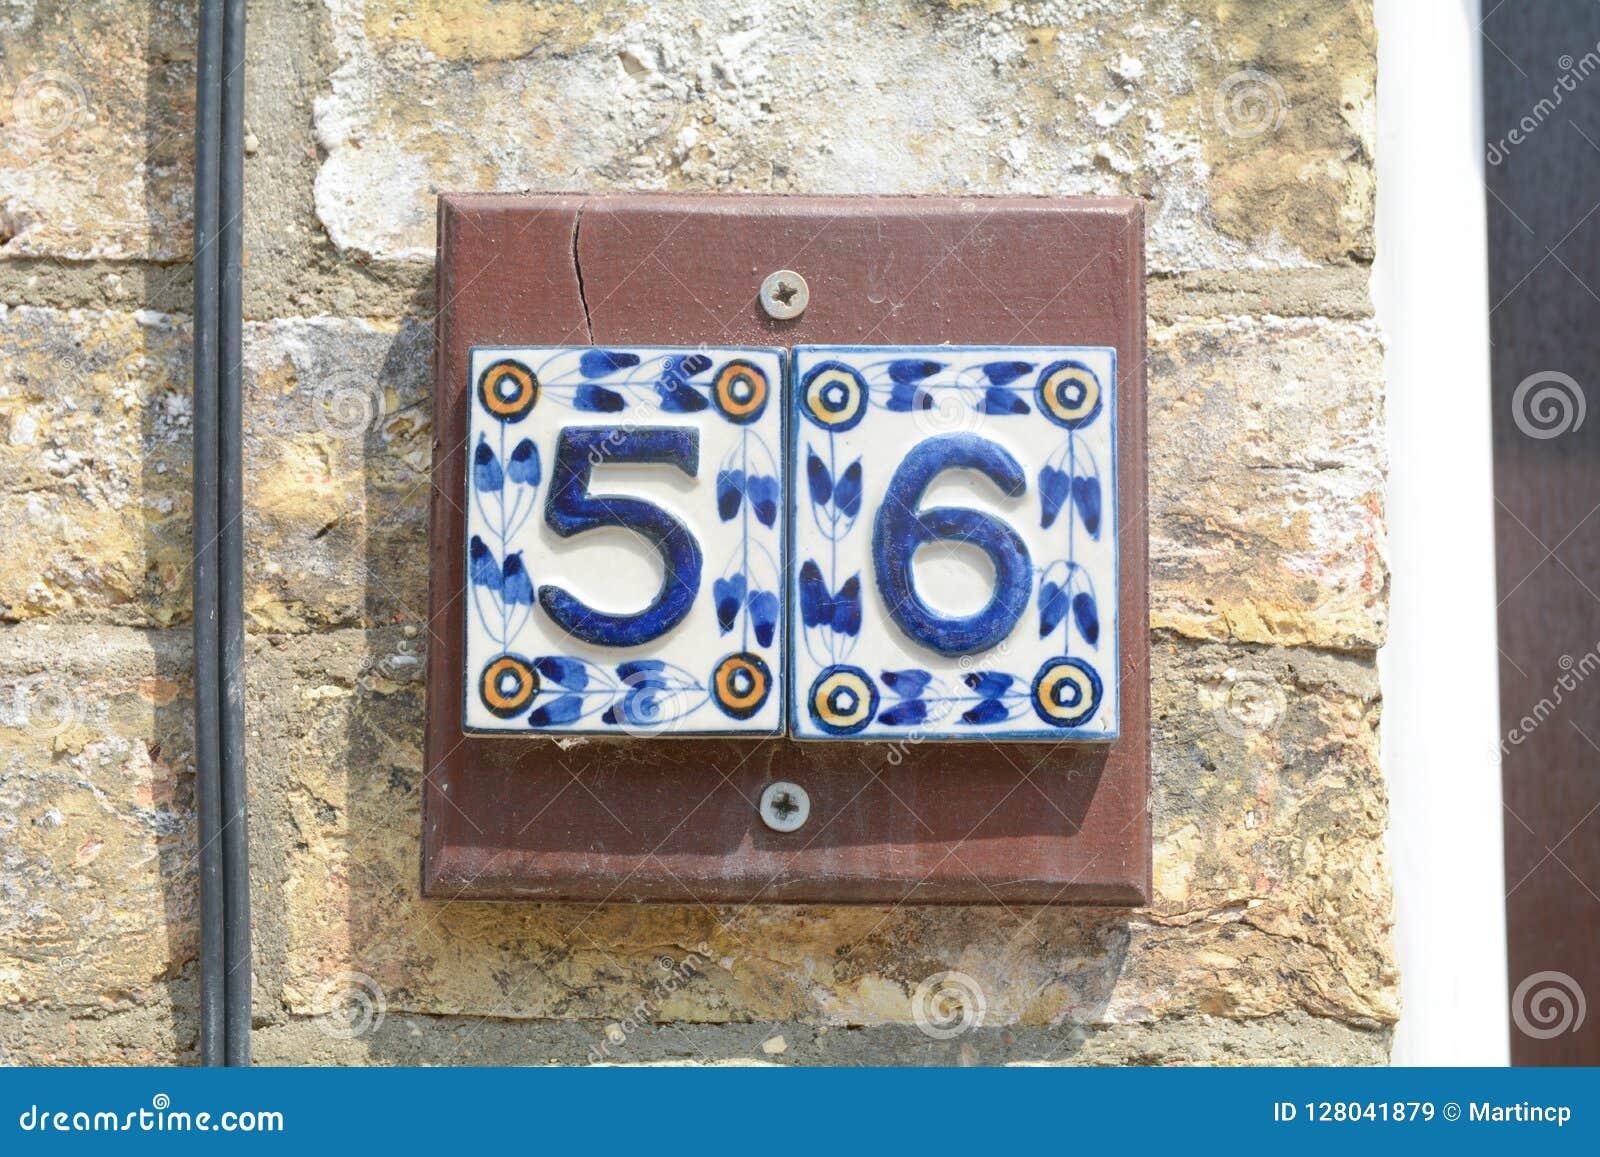 Piastrella con numero civico numero civico segno immagini numero